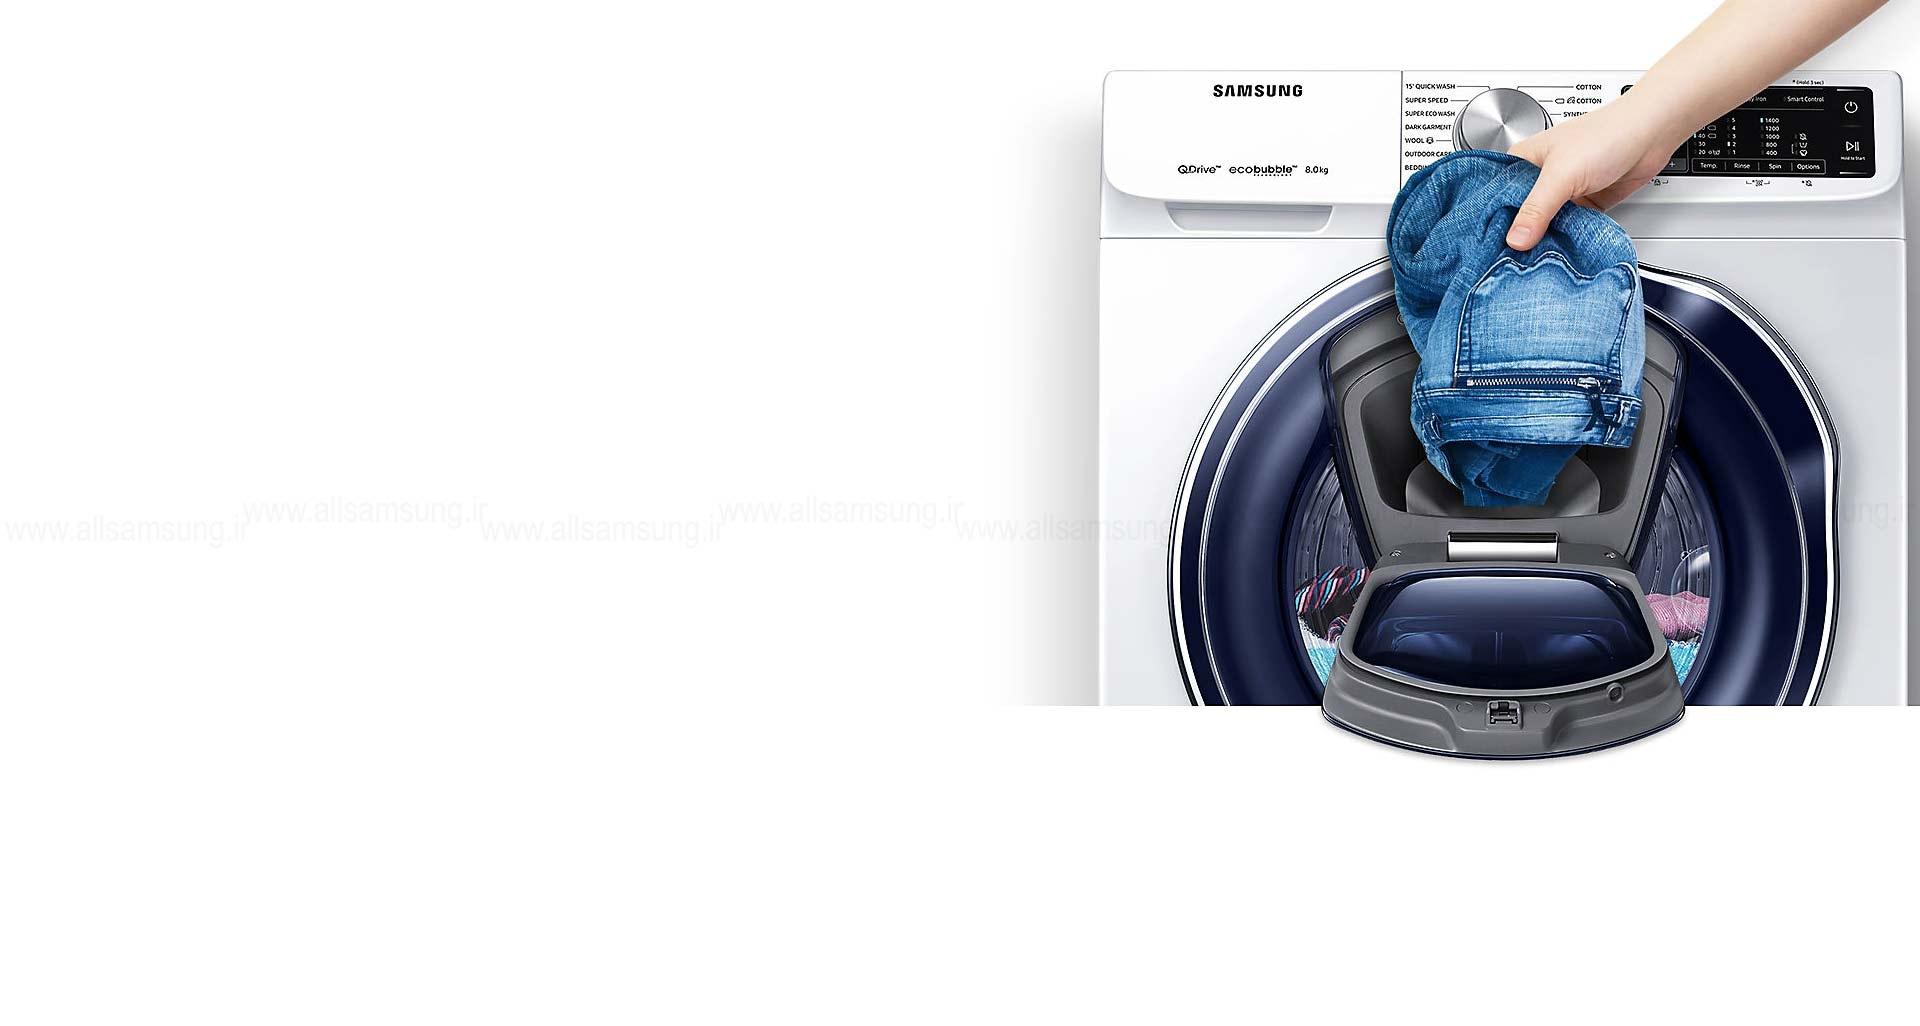 ماشین لباس شویی Q152 با درب AddWash